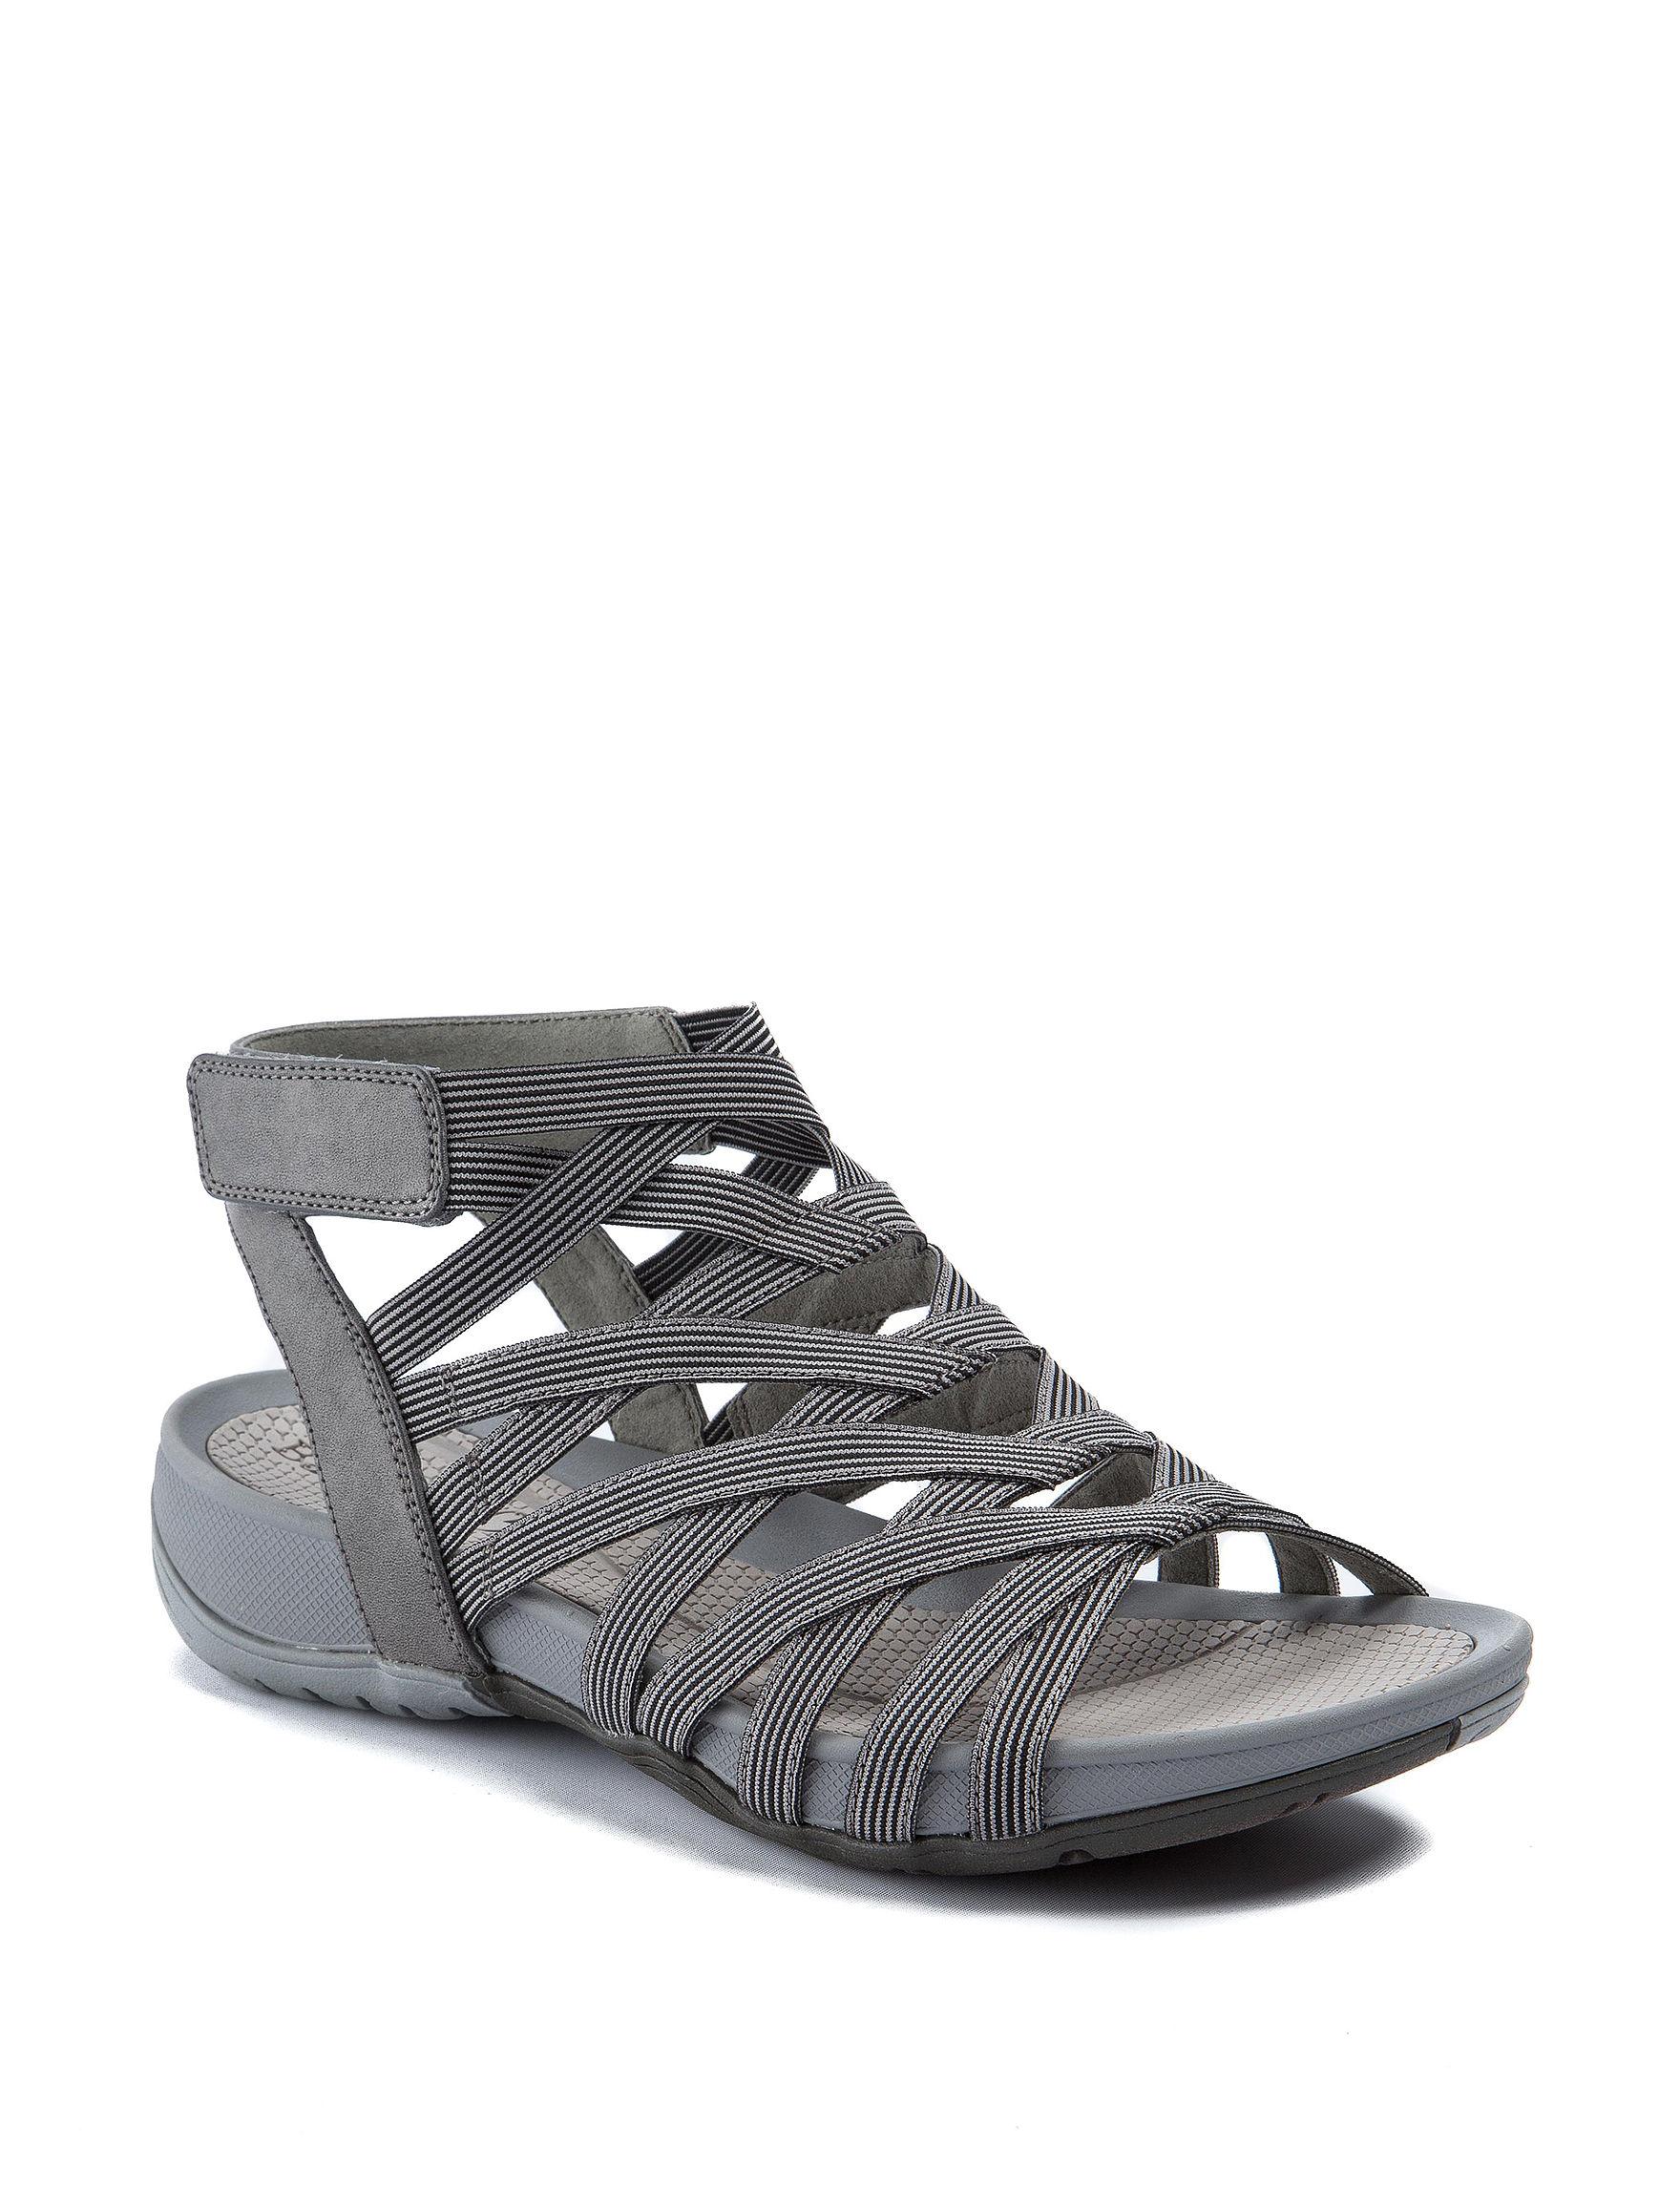 Baretraps Grey Comfort Shoes Flat Sandals Gladiators